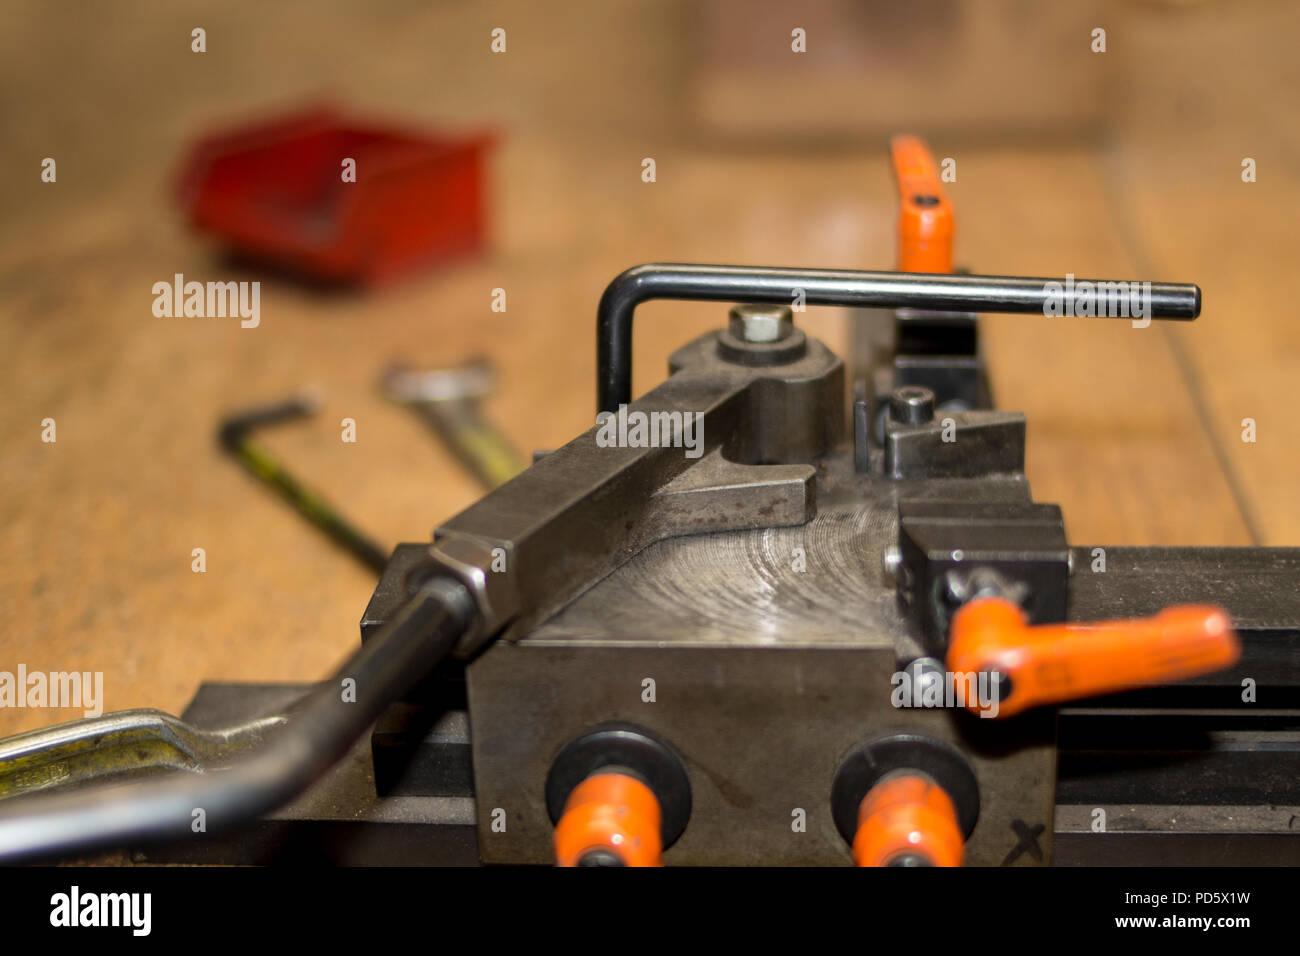 Iron Bar Bending Stockfotos & Iron Bar Bending Bilder - Alamy